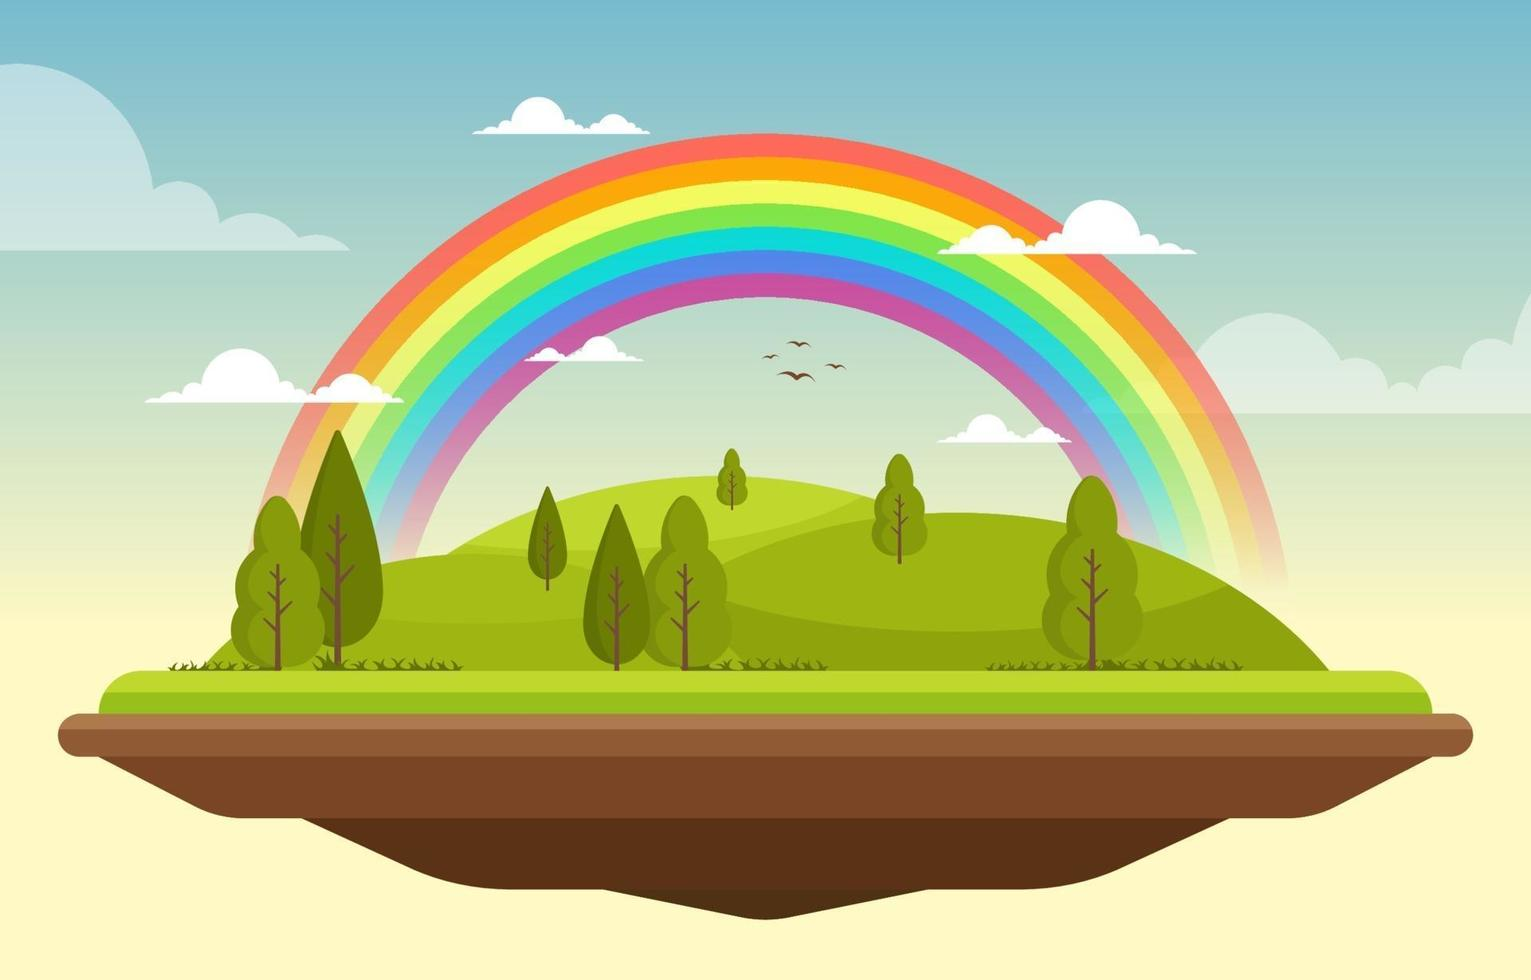 bellissimo paesaggio galleggiante arcobaleno estate natura illustrazione vettore